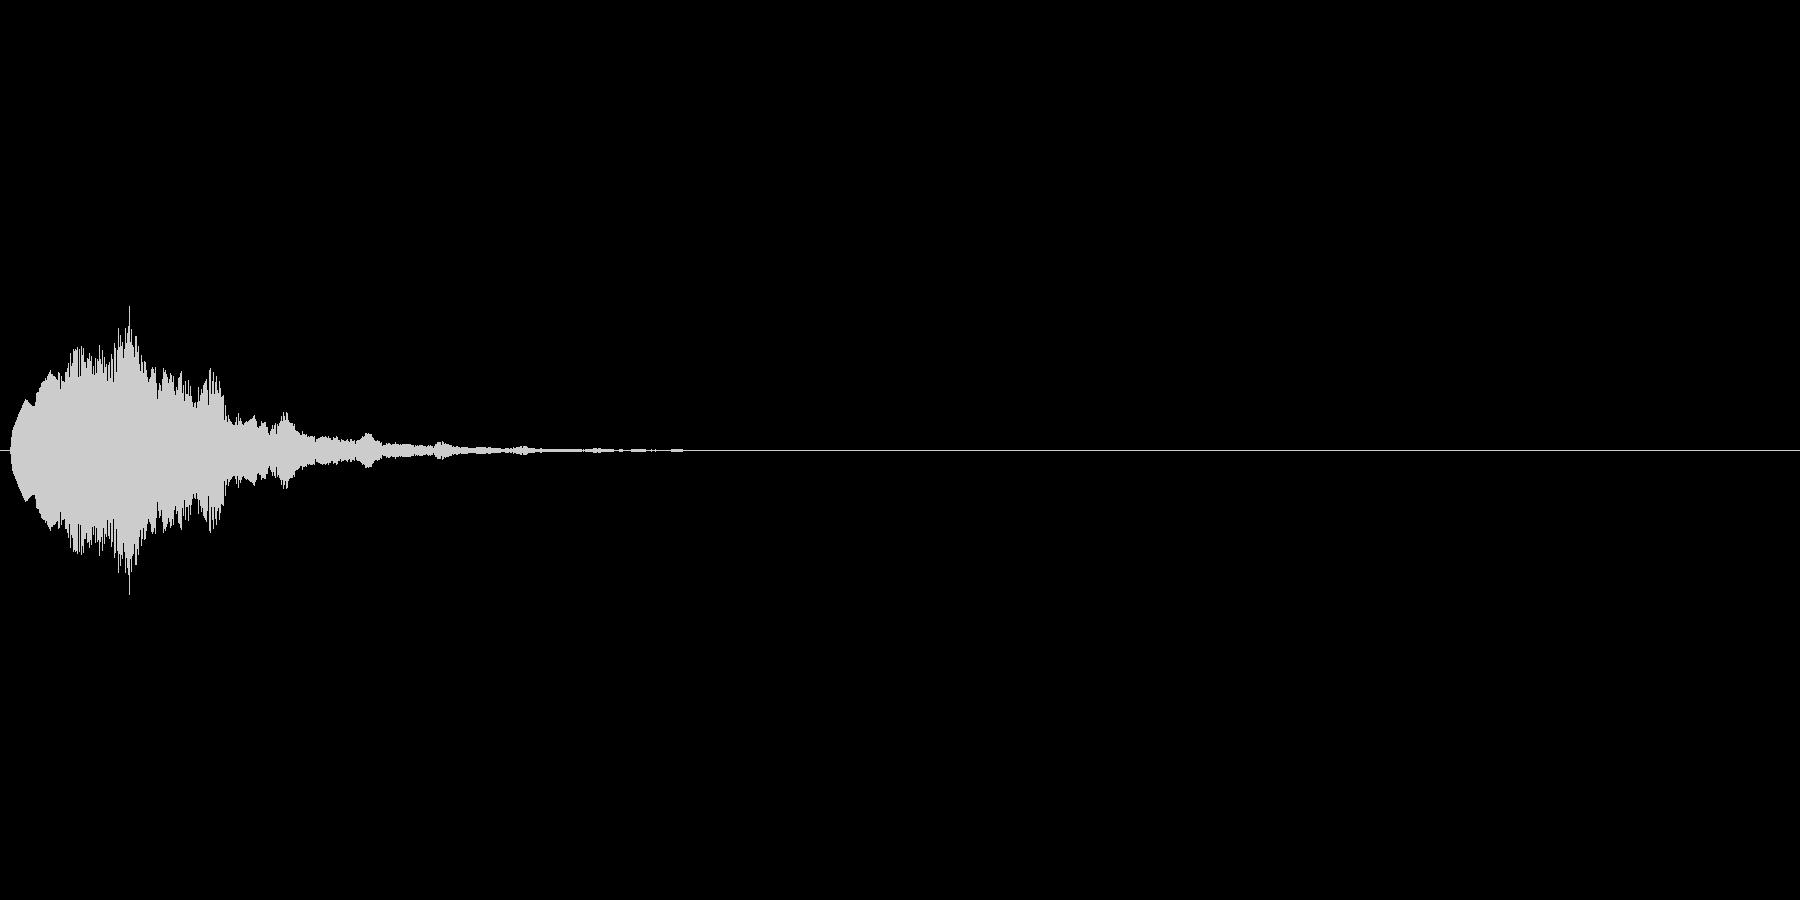 キラキラ↑(回復、解禁などに使えるSE)の未再生の波形